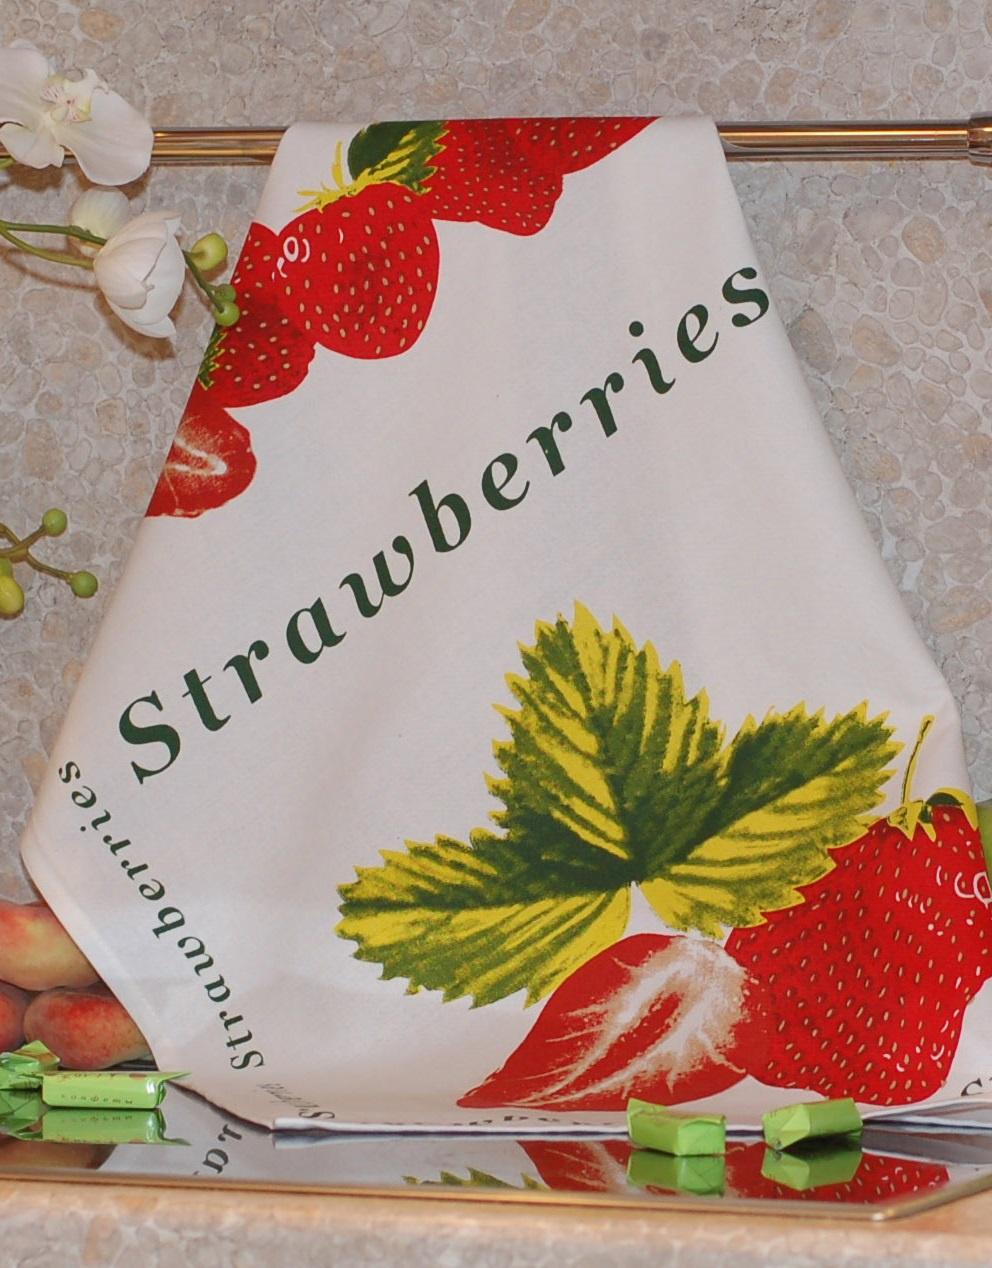 Полотенце с печатным рисунком ТекСтиль 507042-4 STRAWBERRIES полотенце кухонное текстиль для дома 507061 1 cafе коричневый бежевый красный